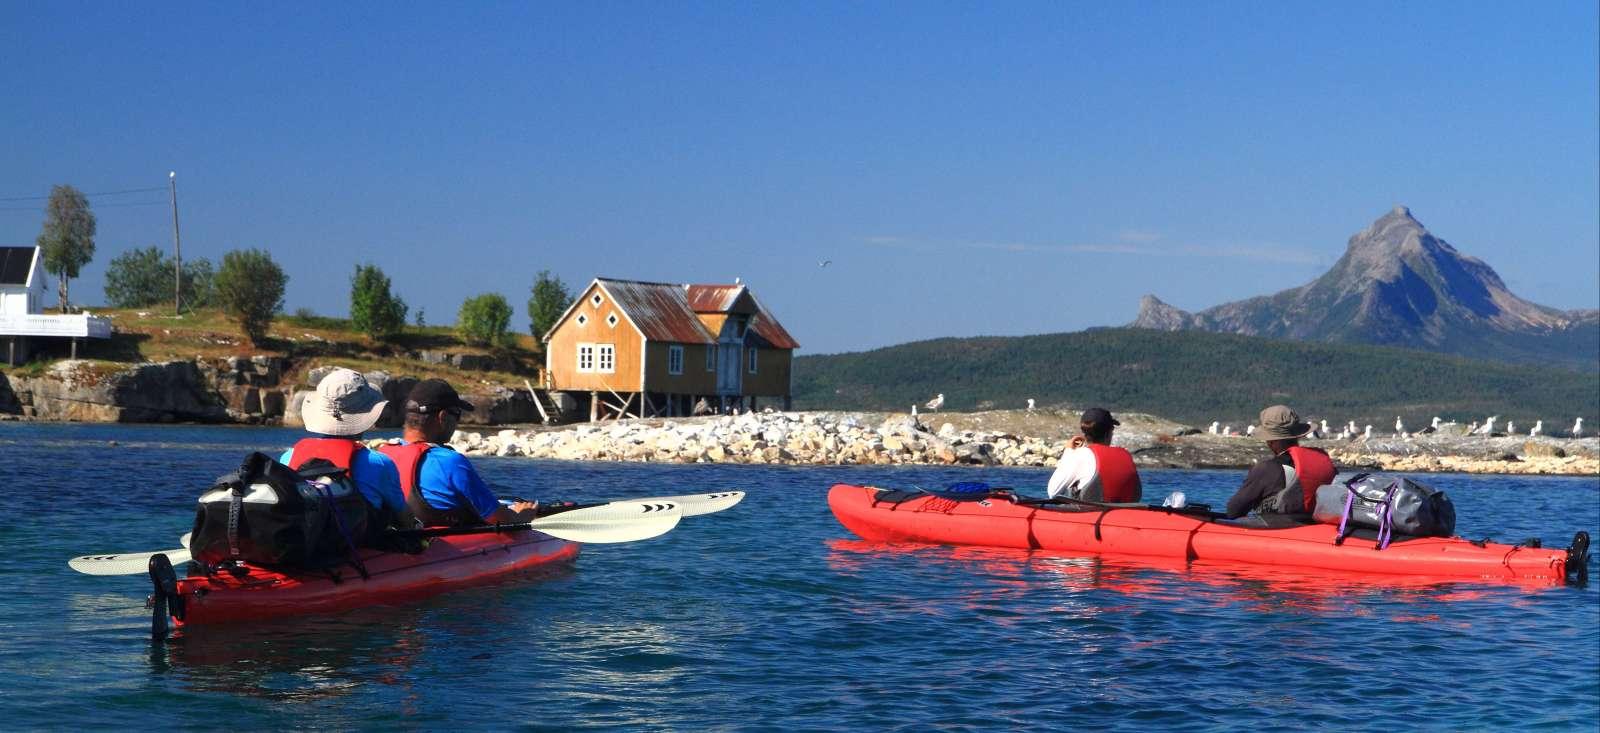 Voyage sur l'eau Norvège : Rando kayak dans la baie d\'Efjord